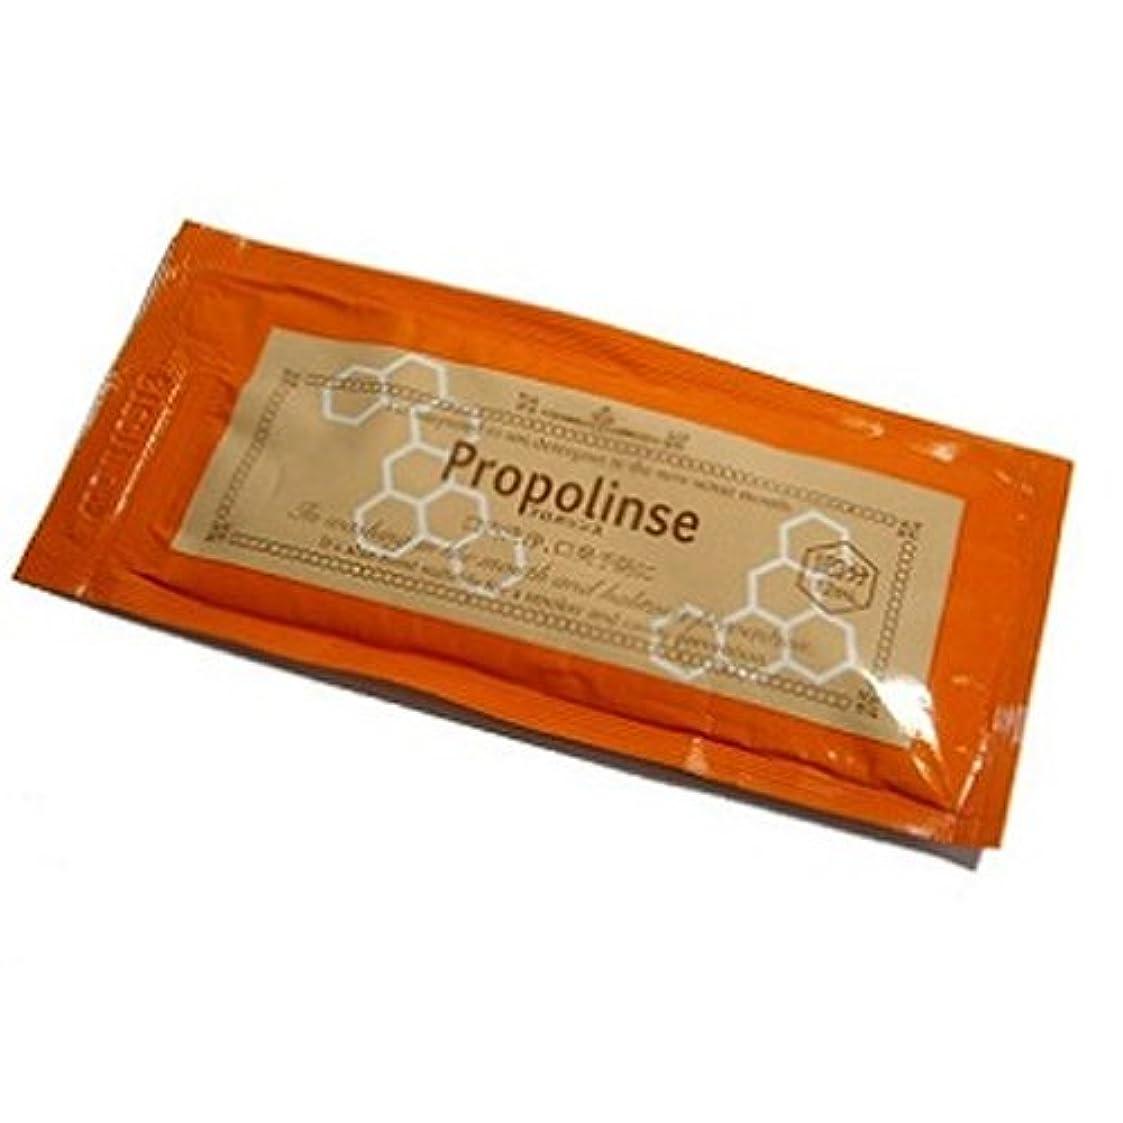 利用可能ショット膨らませるプロポリンス ハンディパウチ 12ml(1袋)×100袋